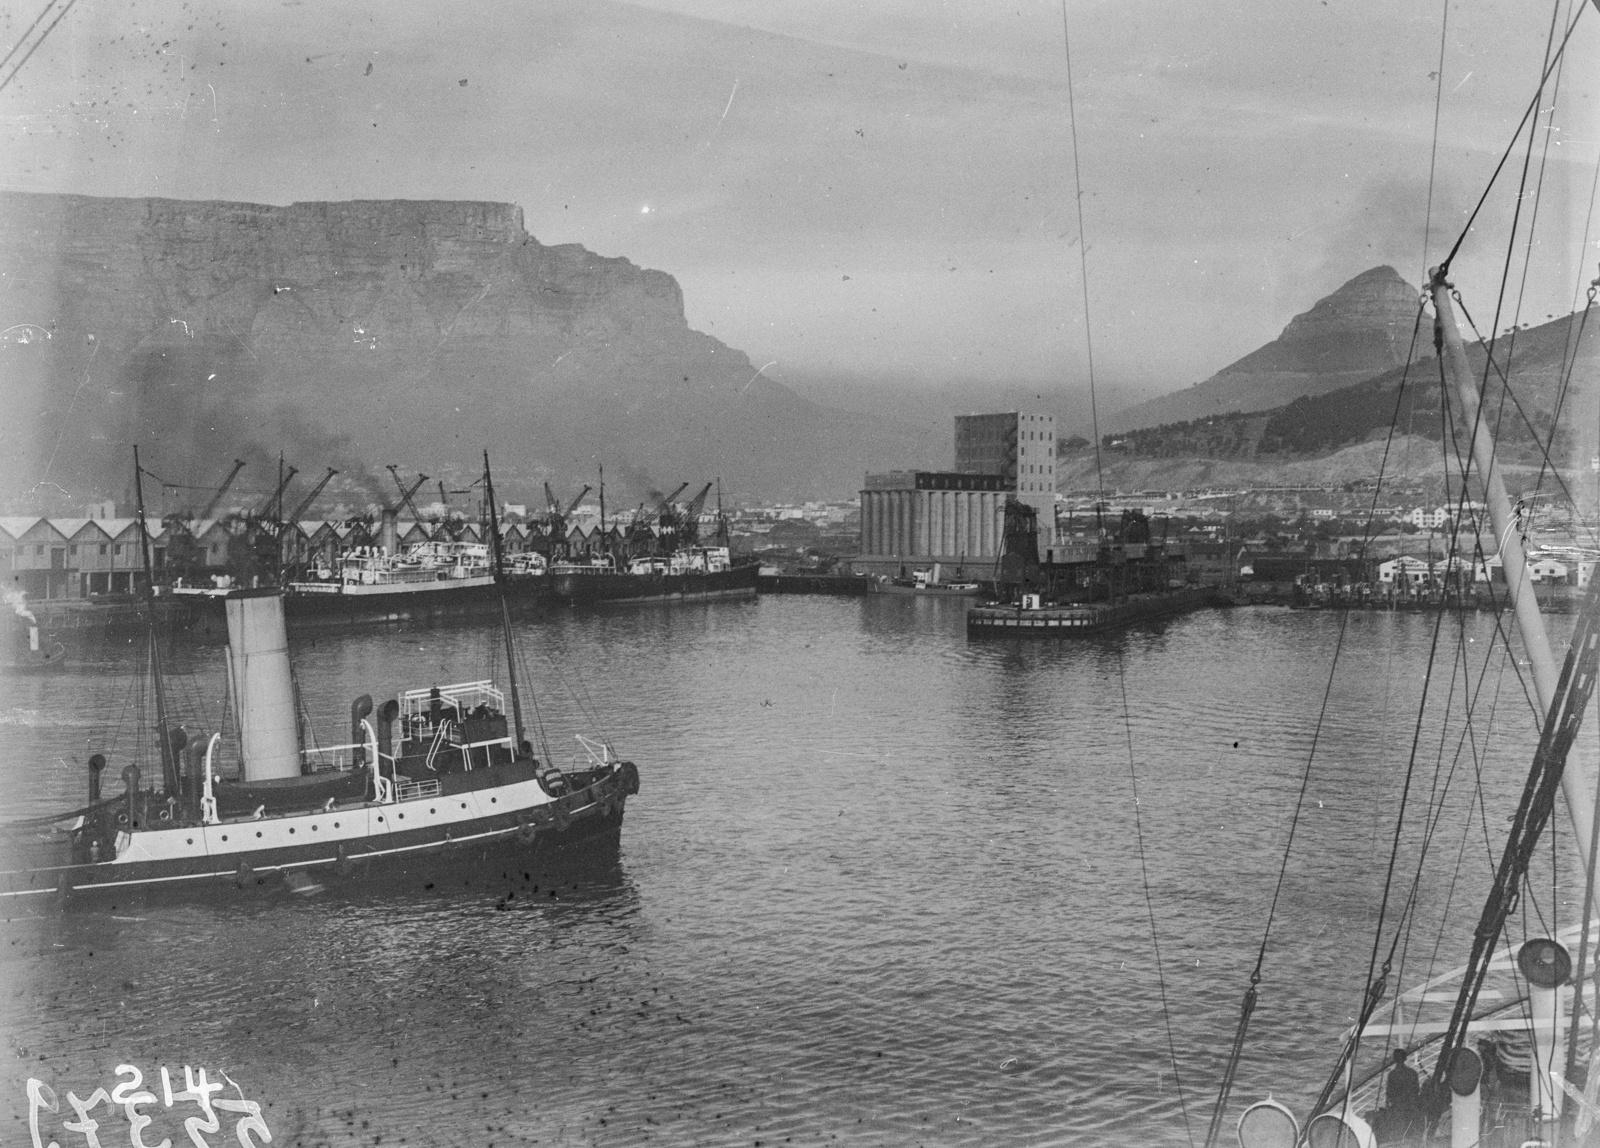 Южно-Африканский Союз. Кейптаун. Порт с пристанью и причалом.